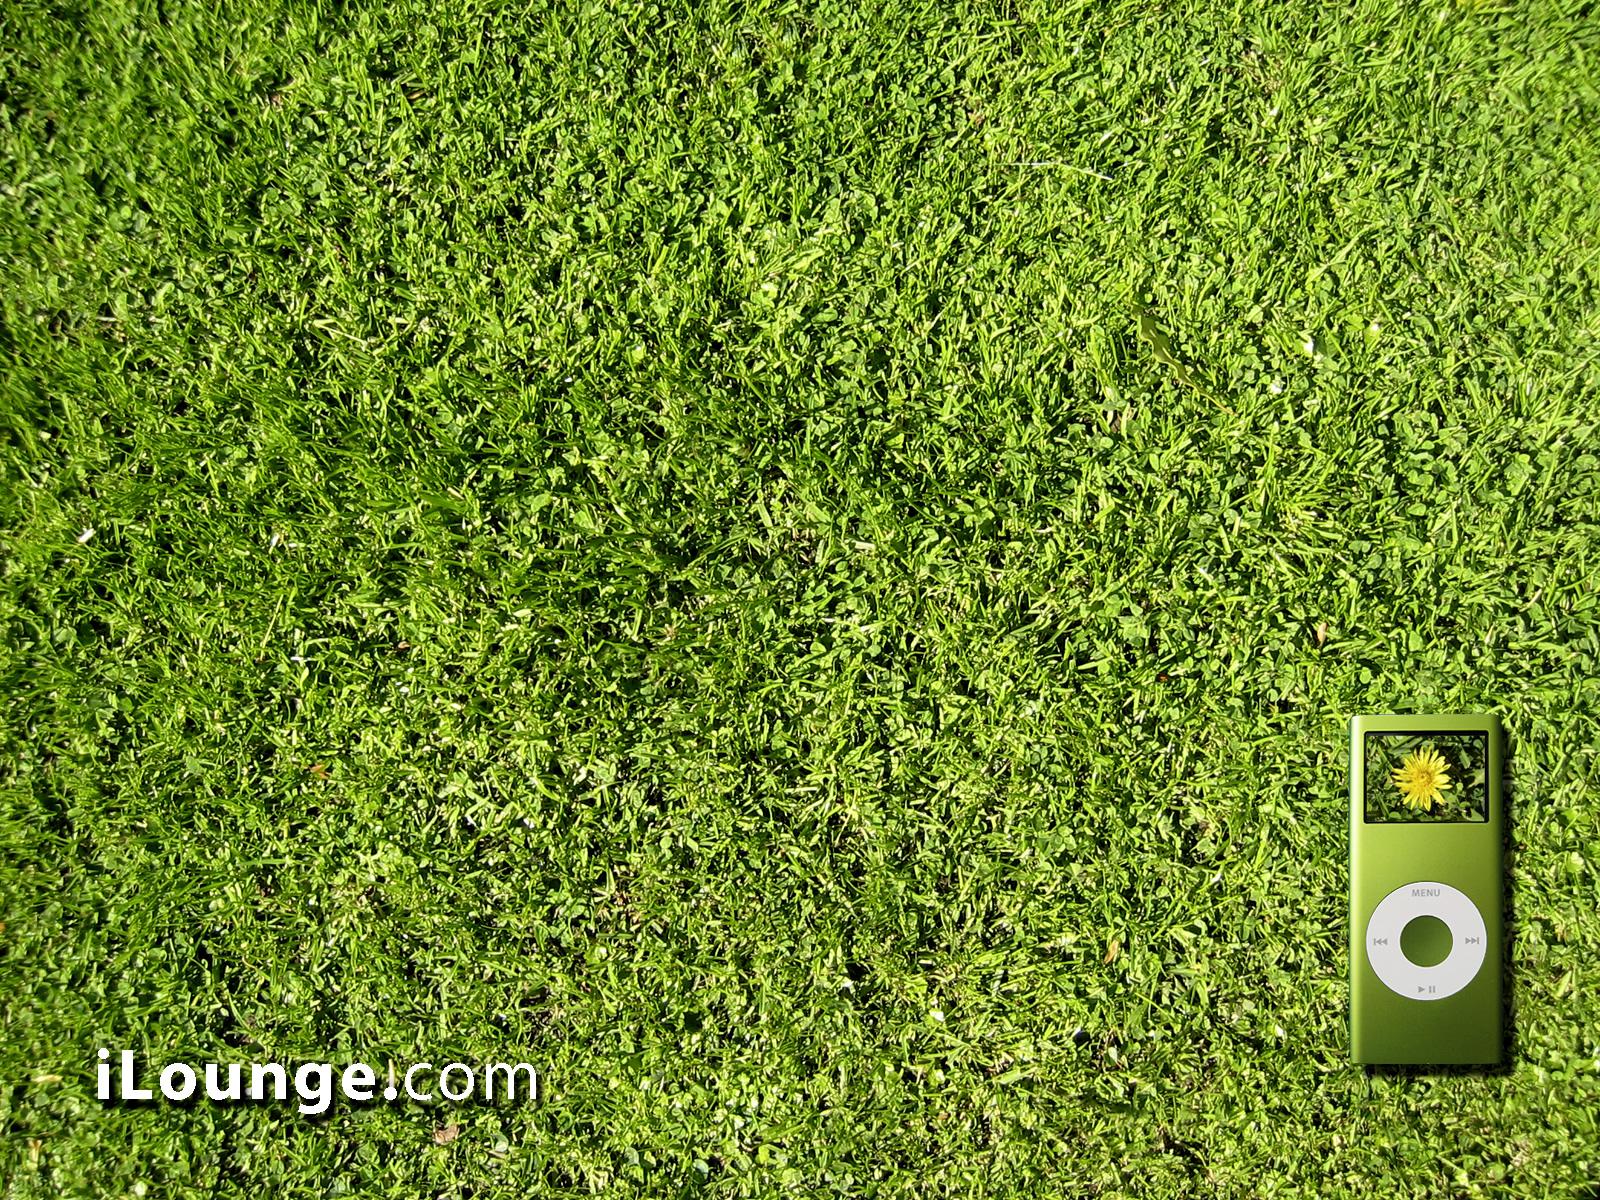 ipod на траве, обои на рабочий стол, зеленая трава, фото